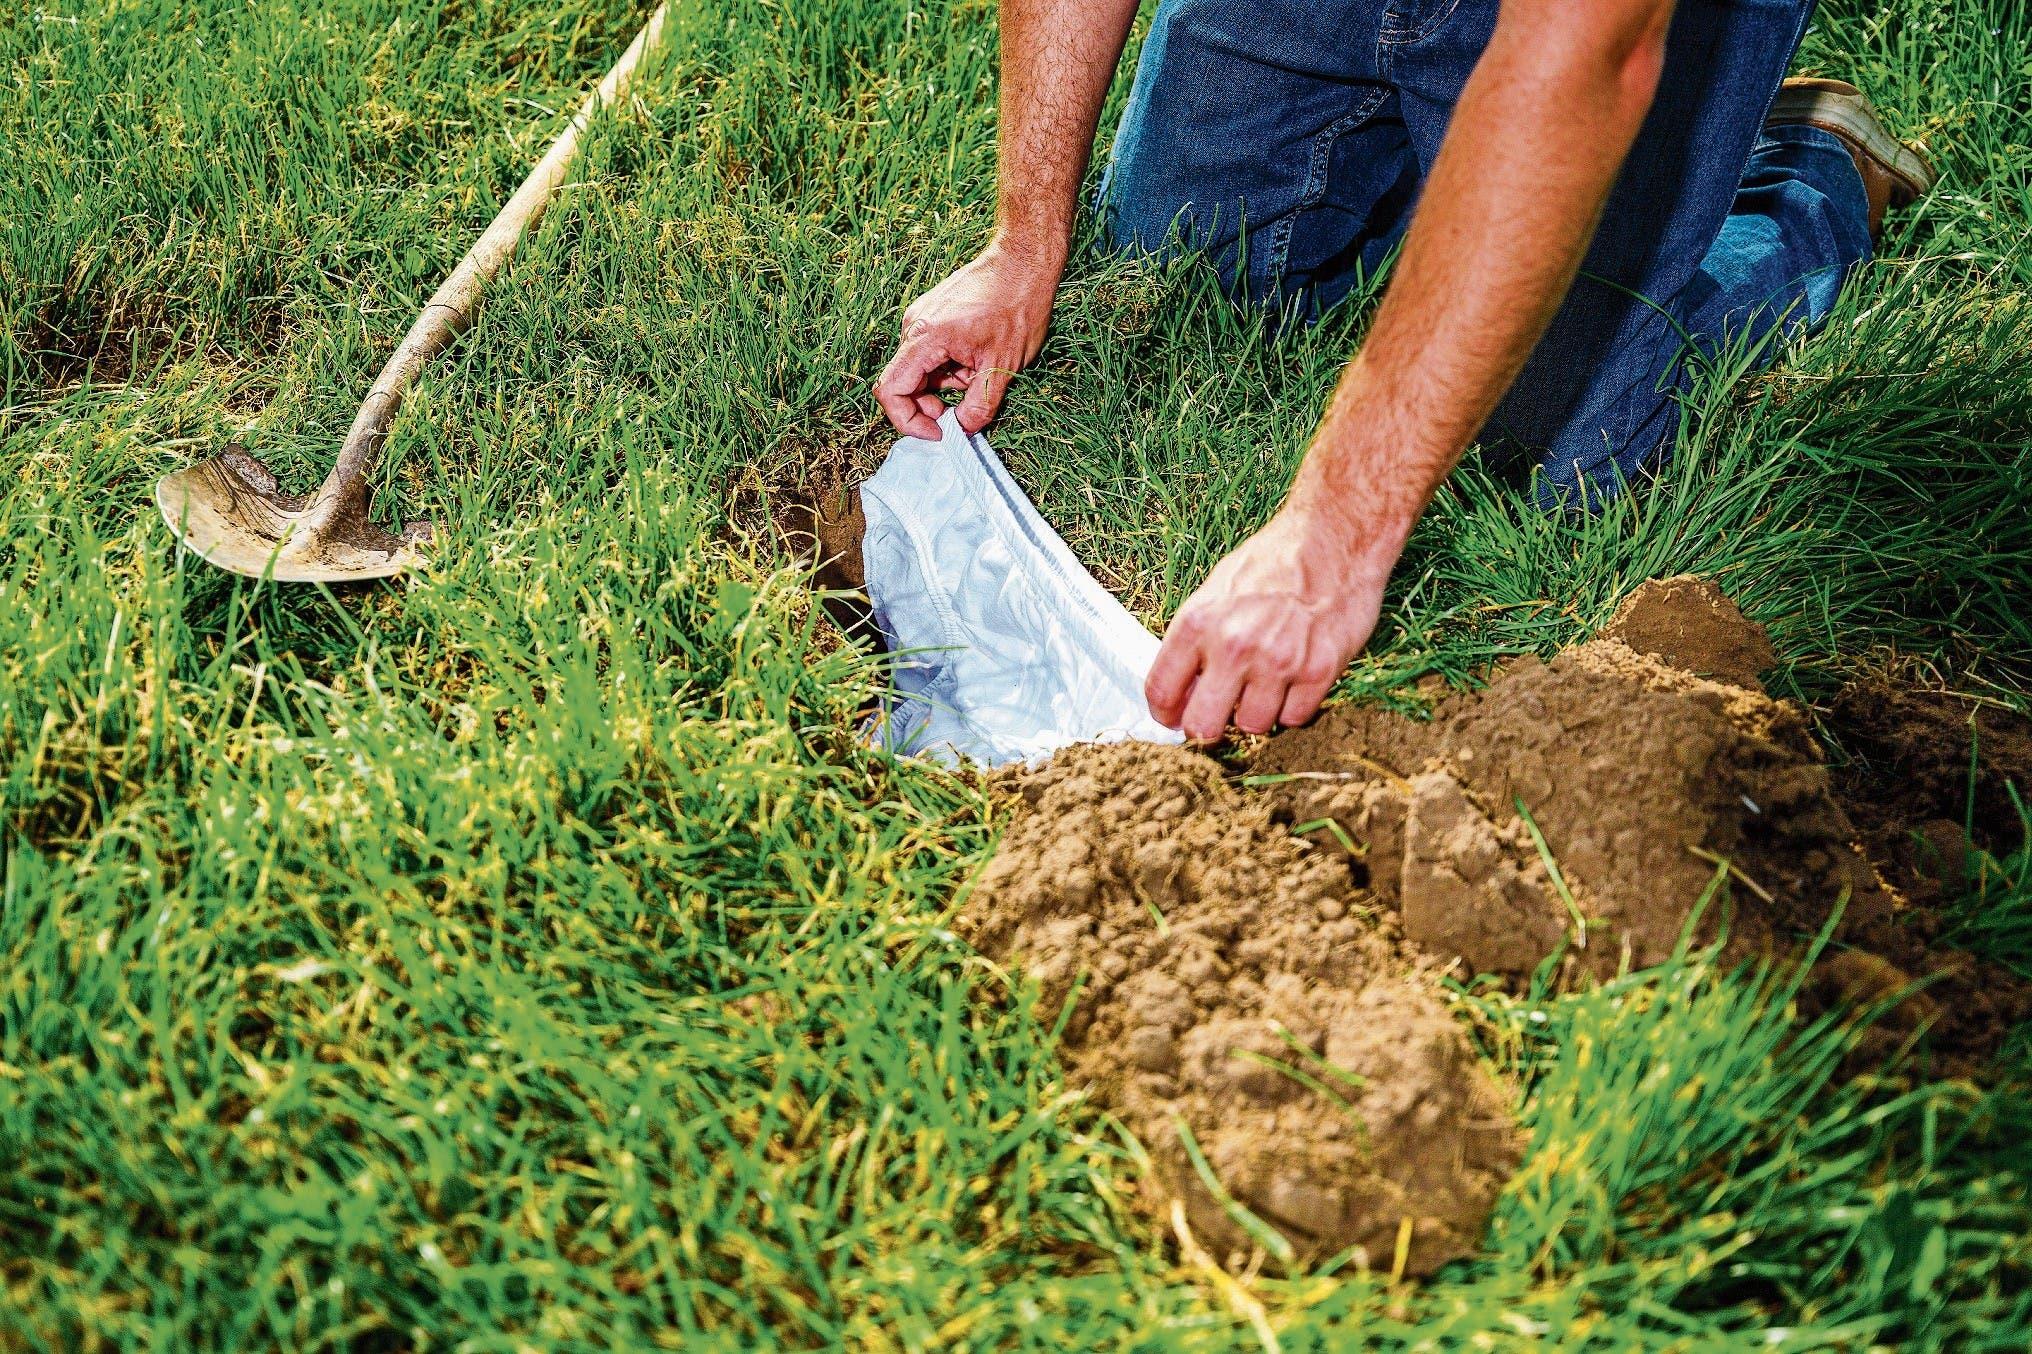 Eine Baumwollunterhose wird eingegraben und damit zum Indikator für die Vielfalt an zersetzenden Kleinlebewesen im Boden. (Bild: Nicolas Zonvi)